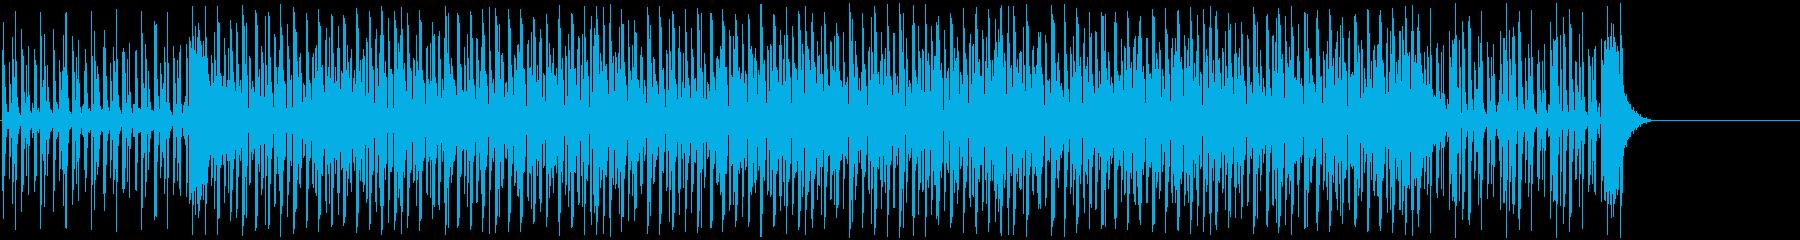 疾走感のある明るいエレクトロポップの再生済みの波形